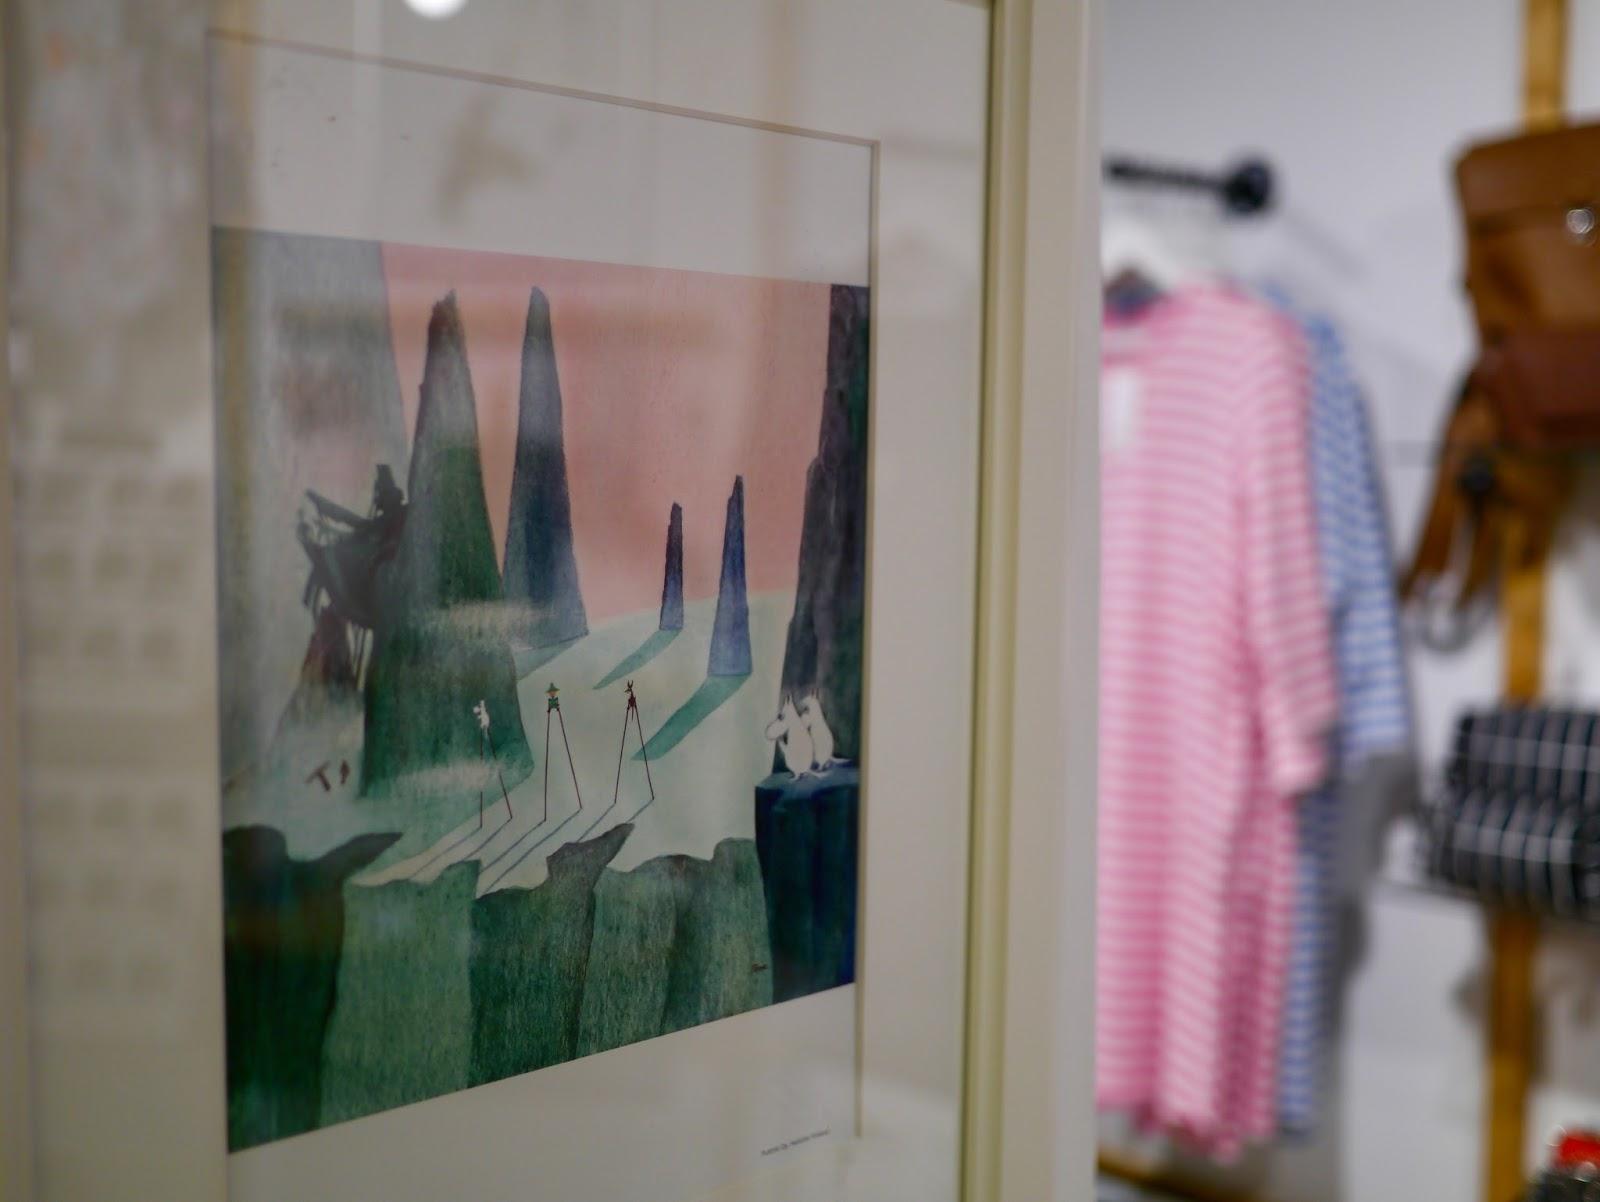 Suomalainen design-kauppamme täällä Reykjavikissa on nimittäin tullut  puolen vuosikymmenen ikään. 9068aff205